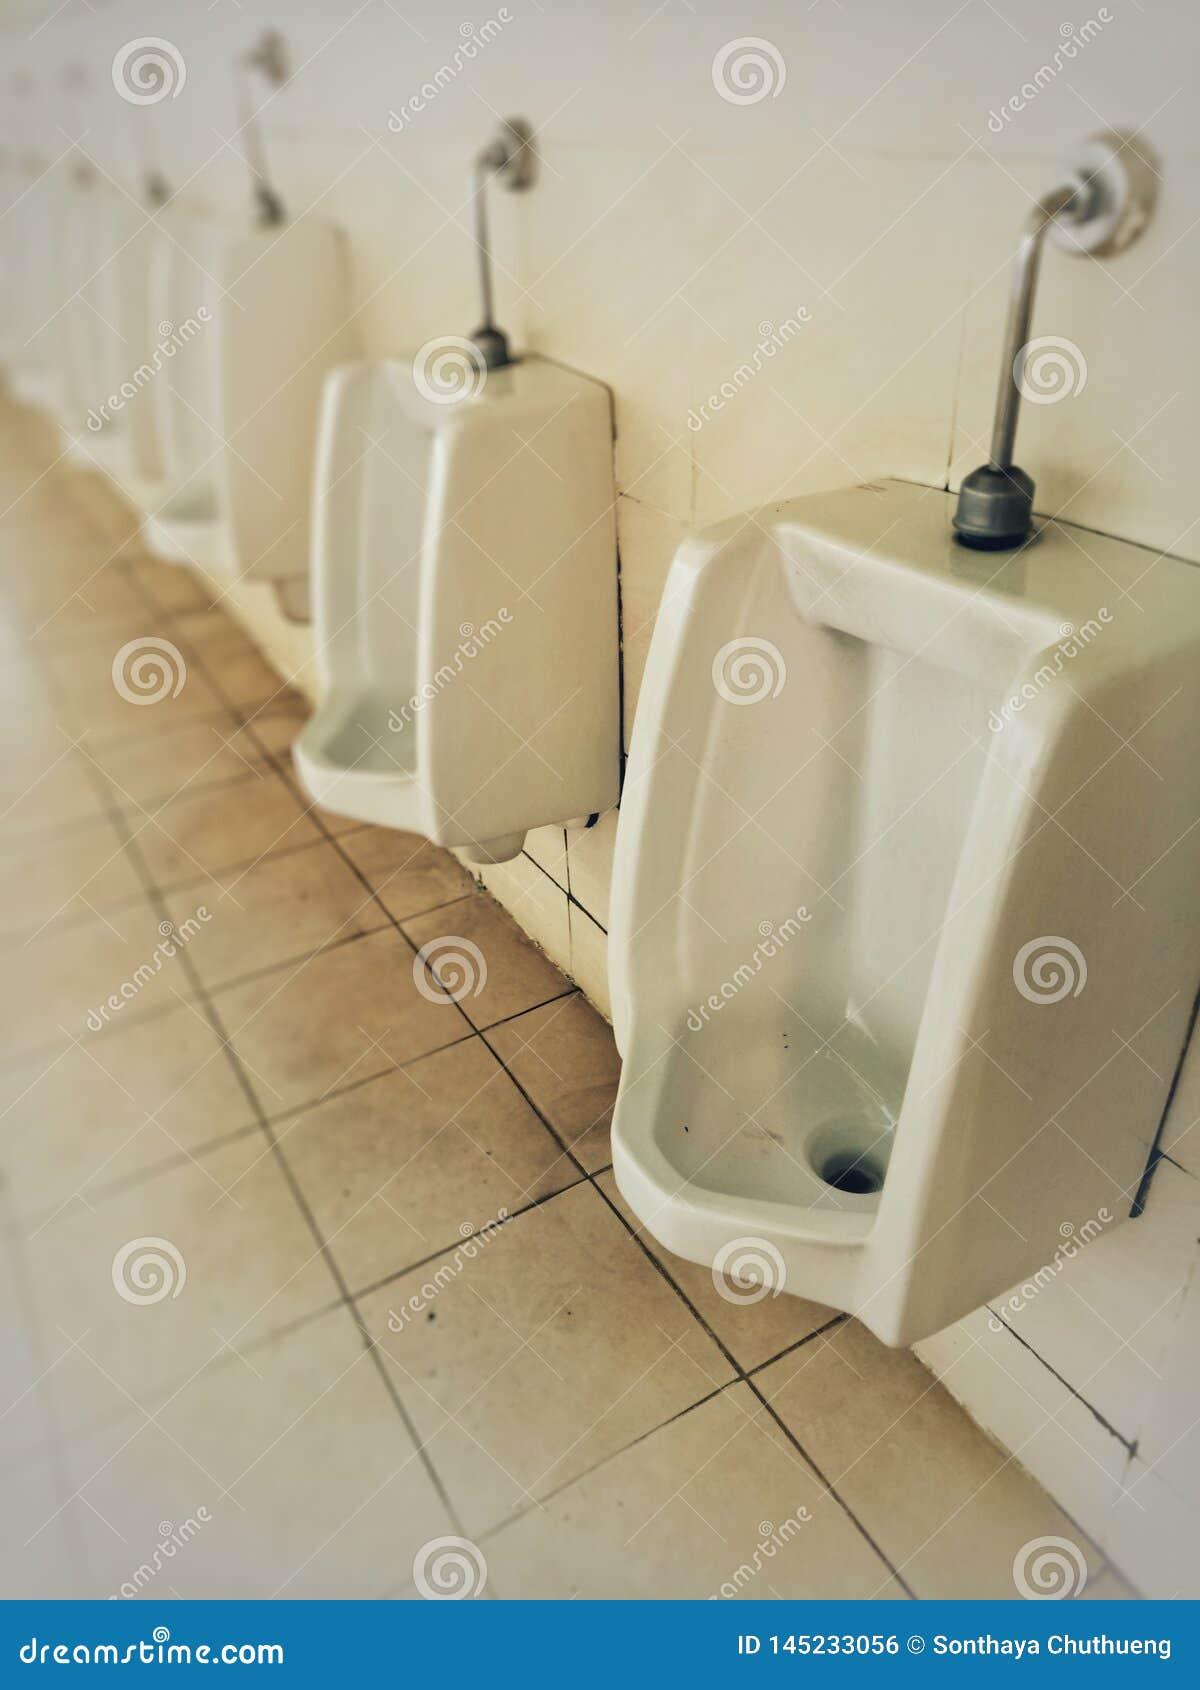 El cuarto de baño es sucio